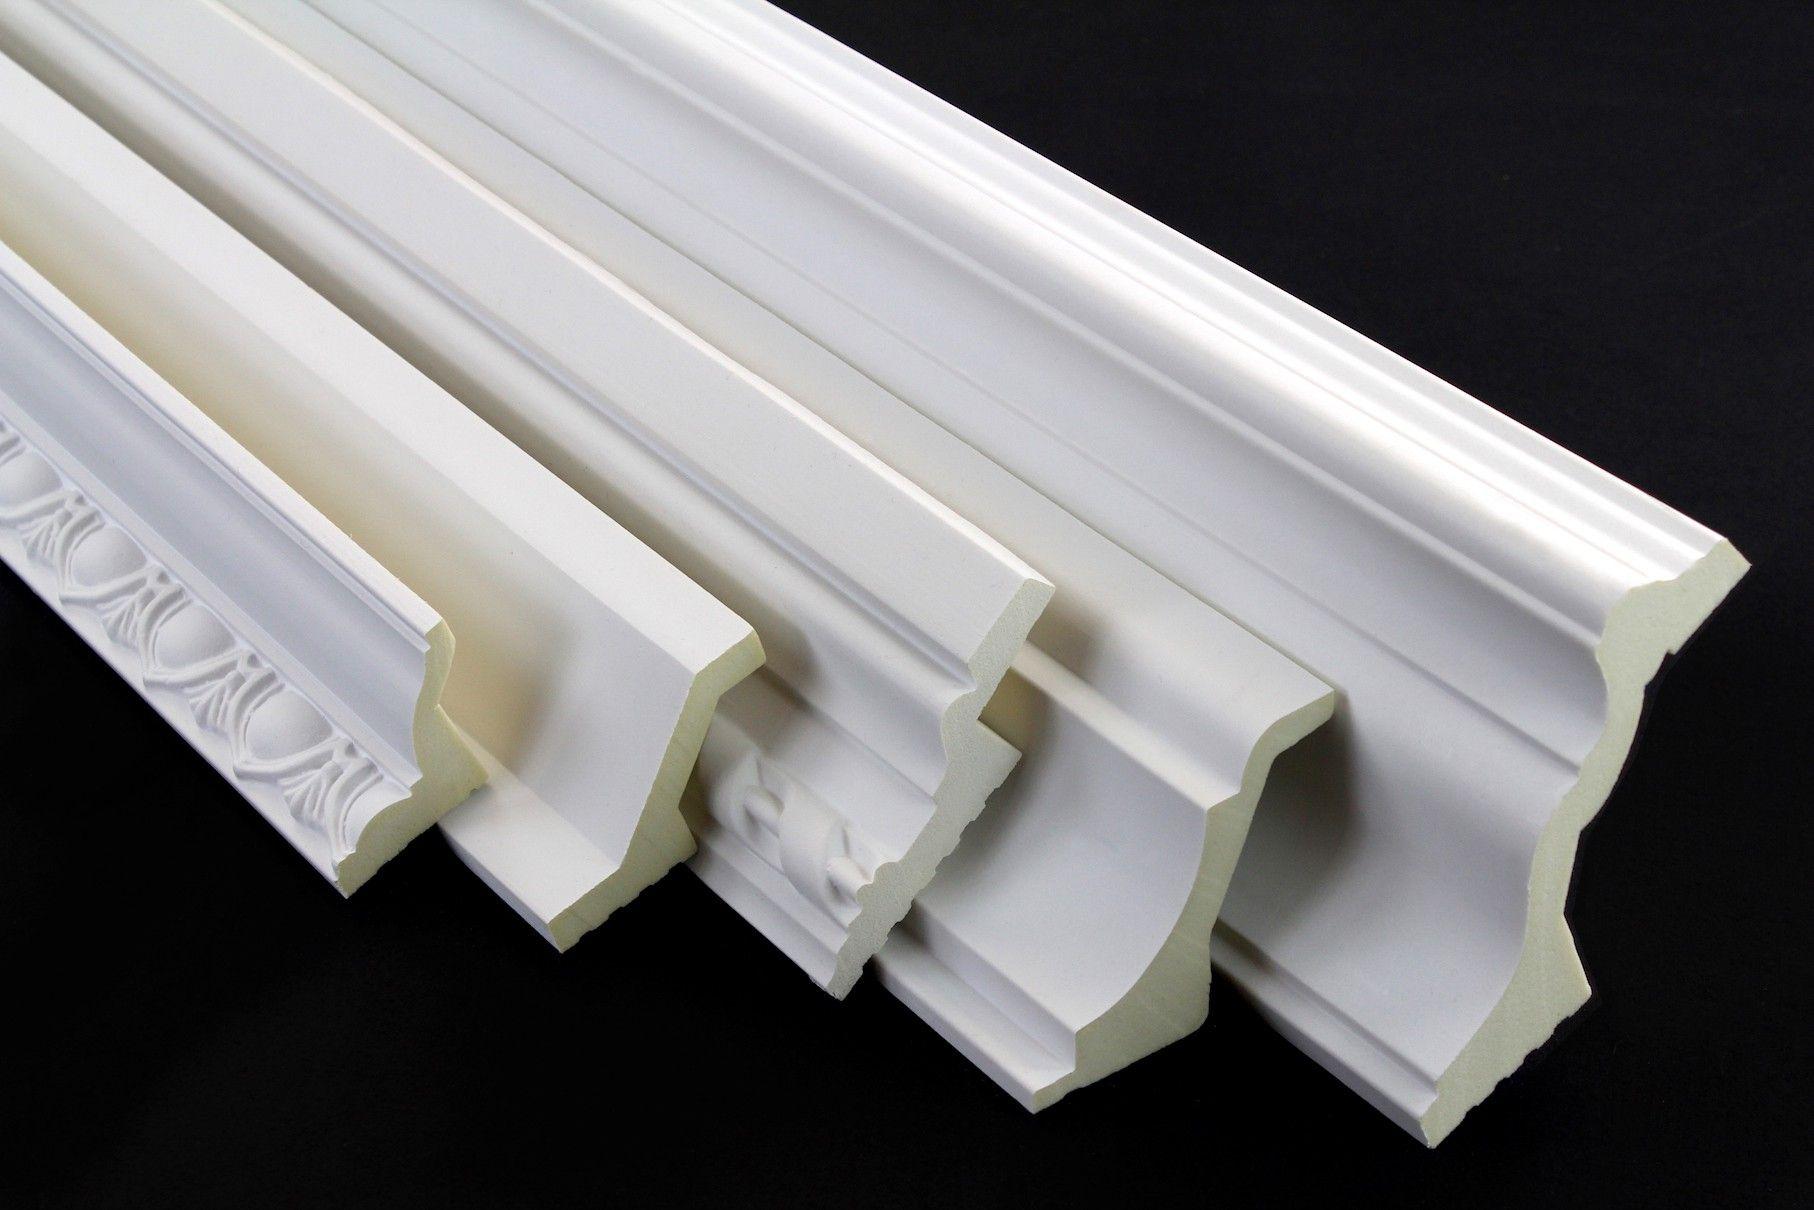 Muster Musterstucke Led Stuckleisten Aus Polyurethane 001 Stuckleisten Bad Decke Led